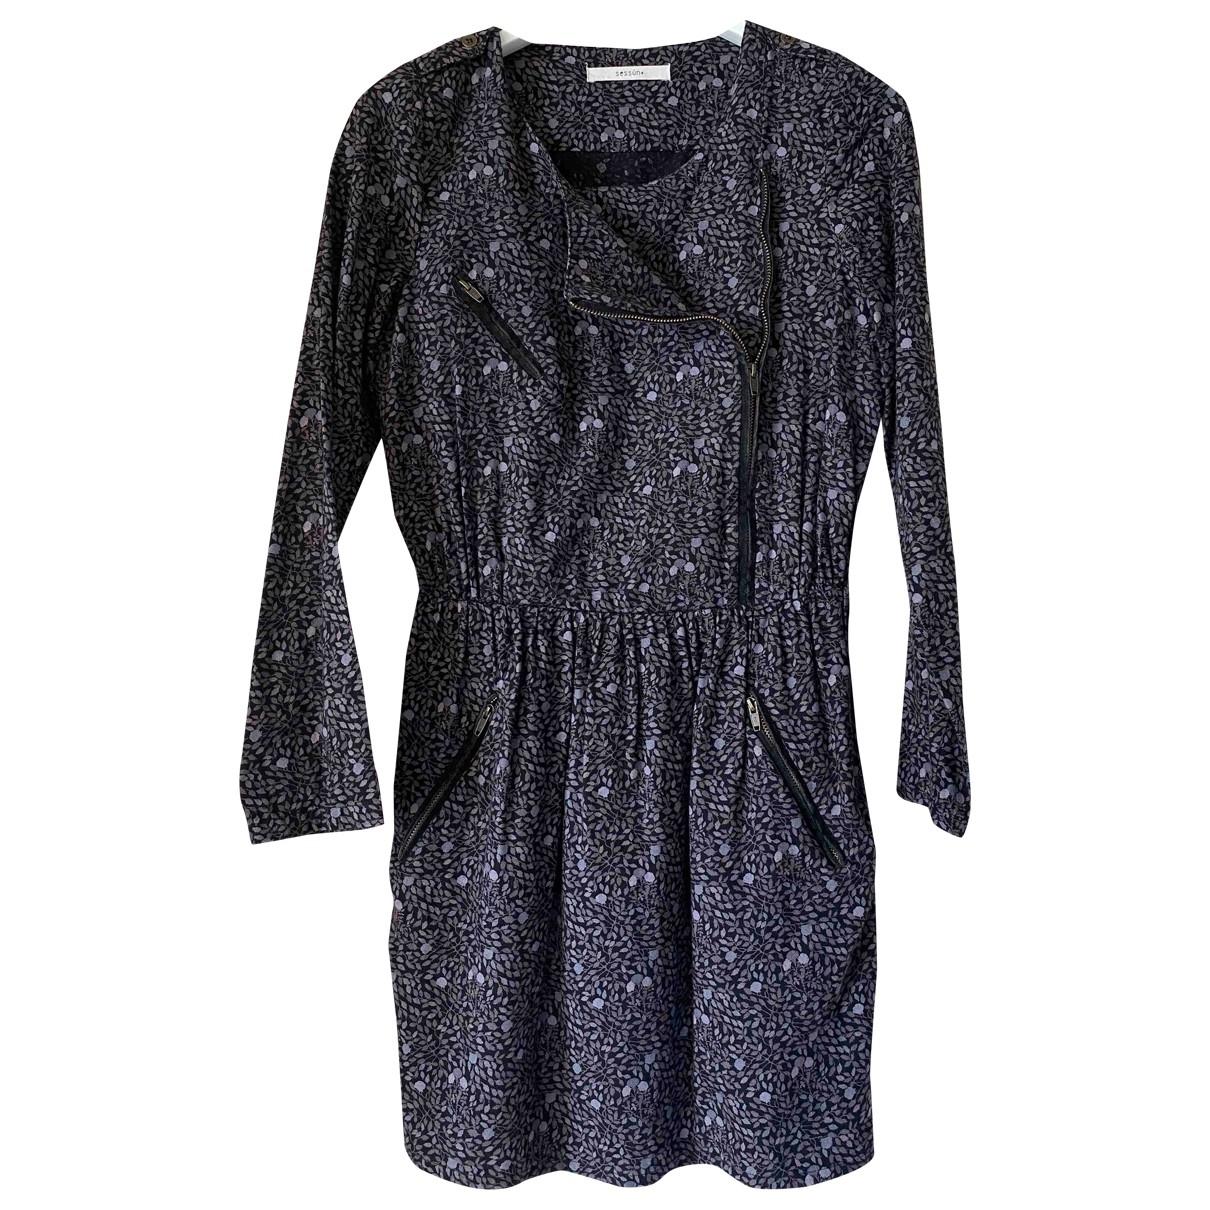 Sessun \N Kleid in  Grau Baumwolle